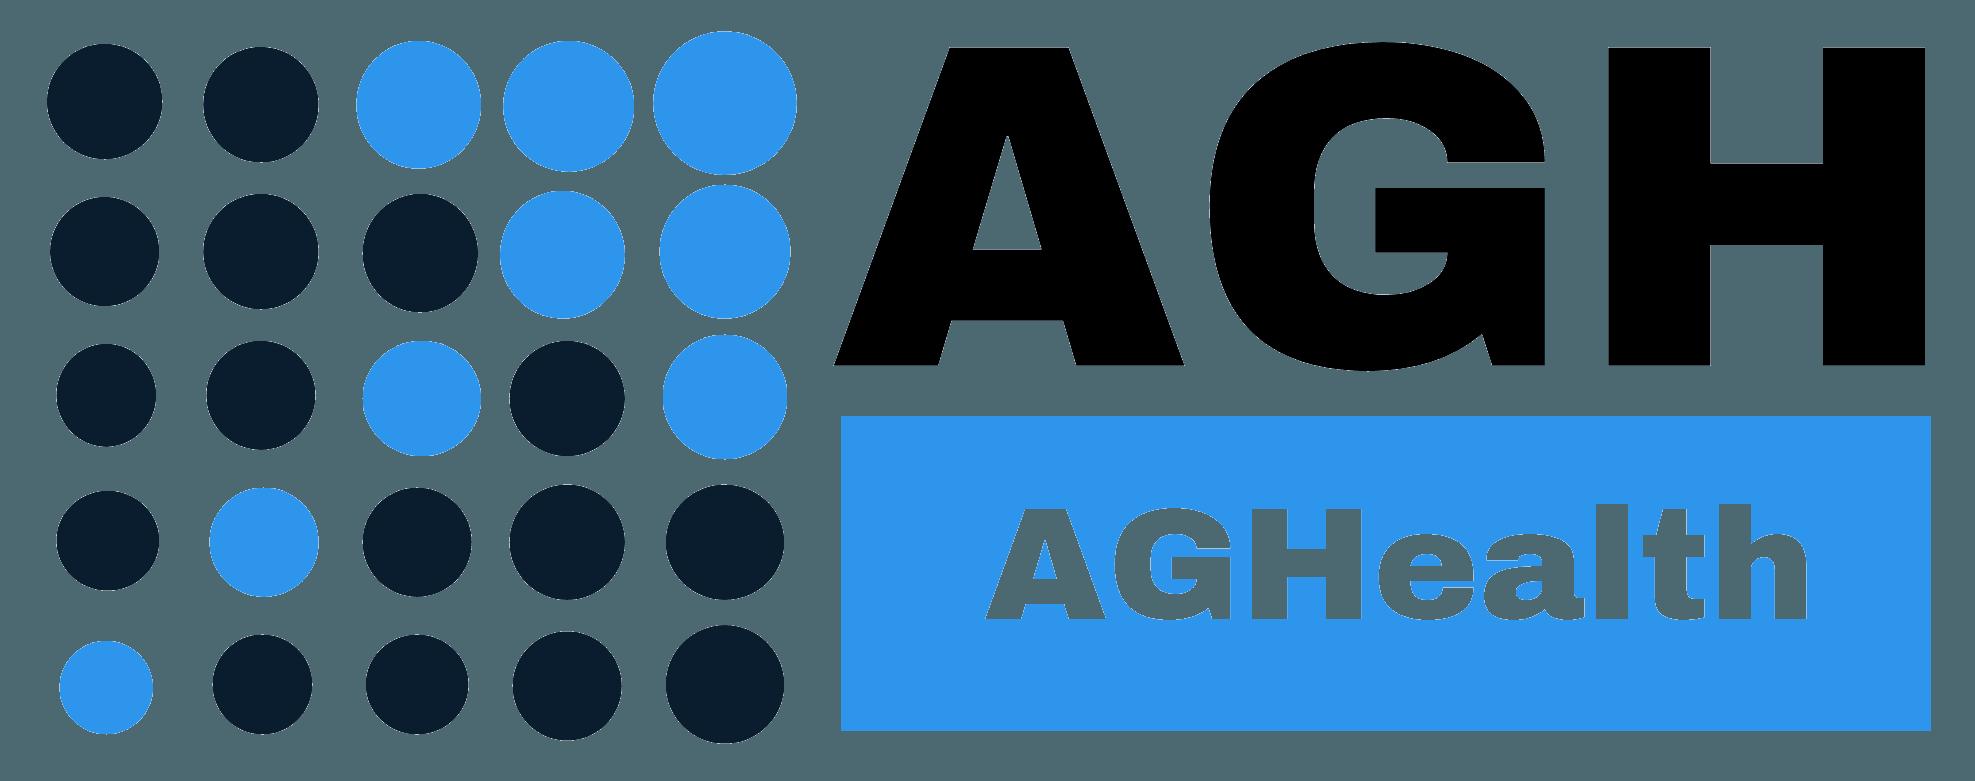 Advanced Global Health